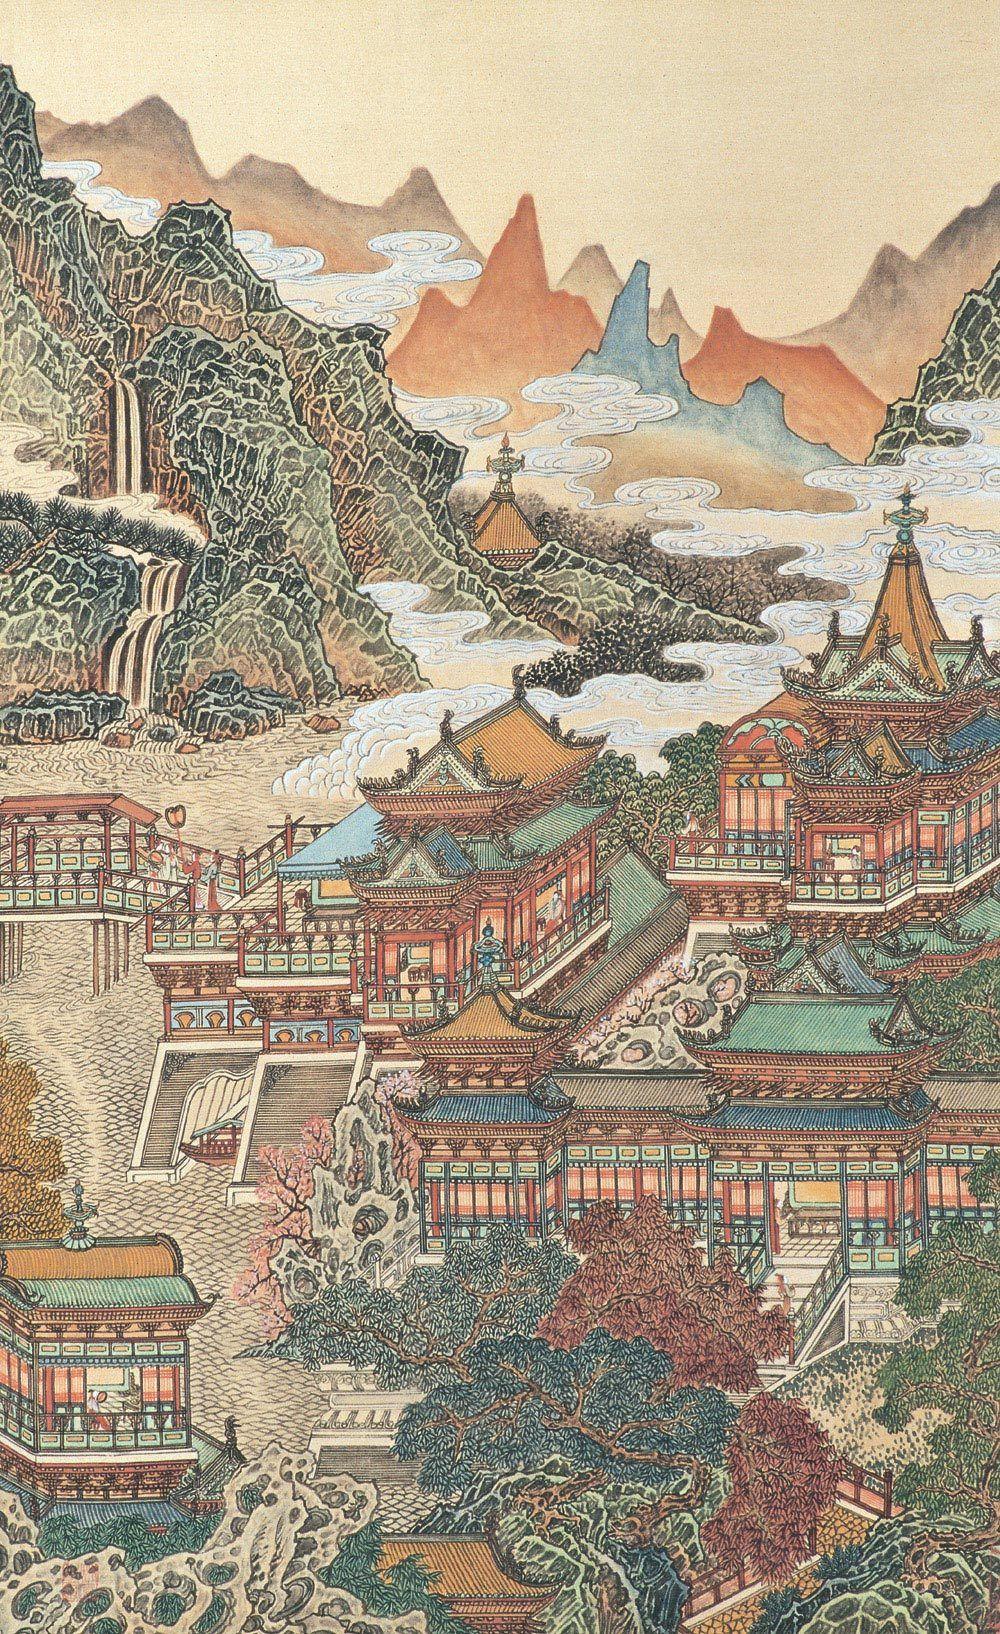 长安月 — Traditional Chinese painting by 黄秋园Huang Qiuyuan....